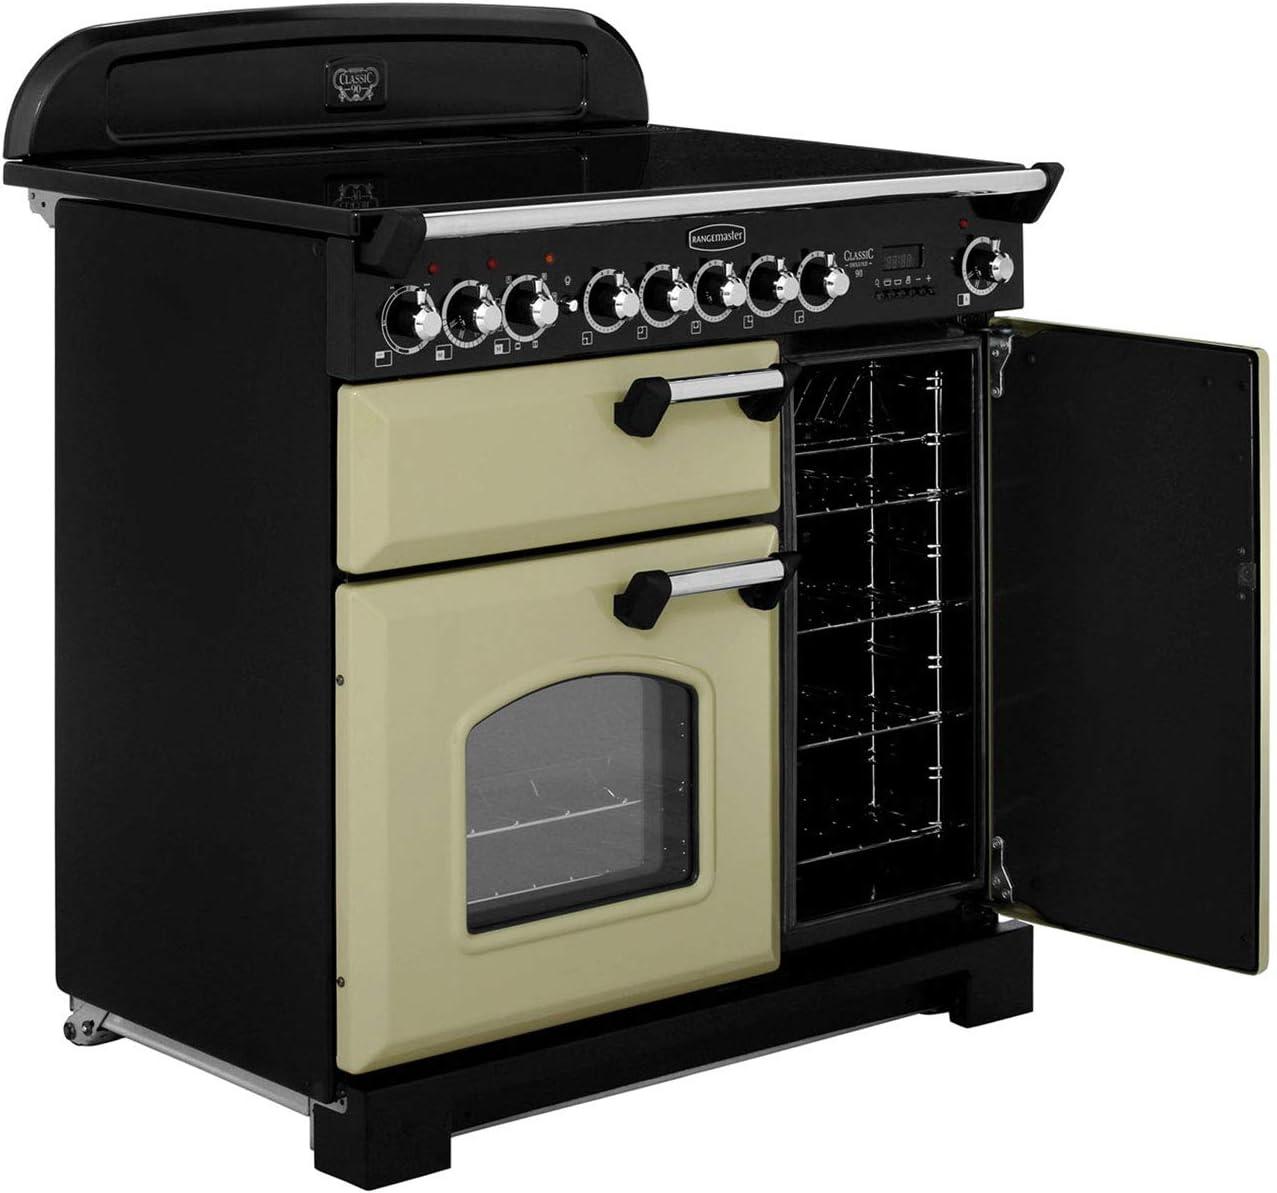 Rangemaster Classic Deluxe Range Cooker Freestanding CDL90EICR//C Cream // Chrome